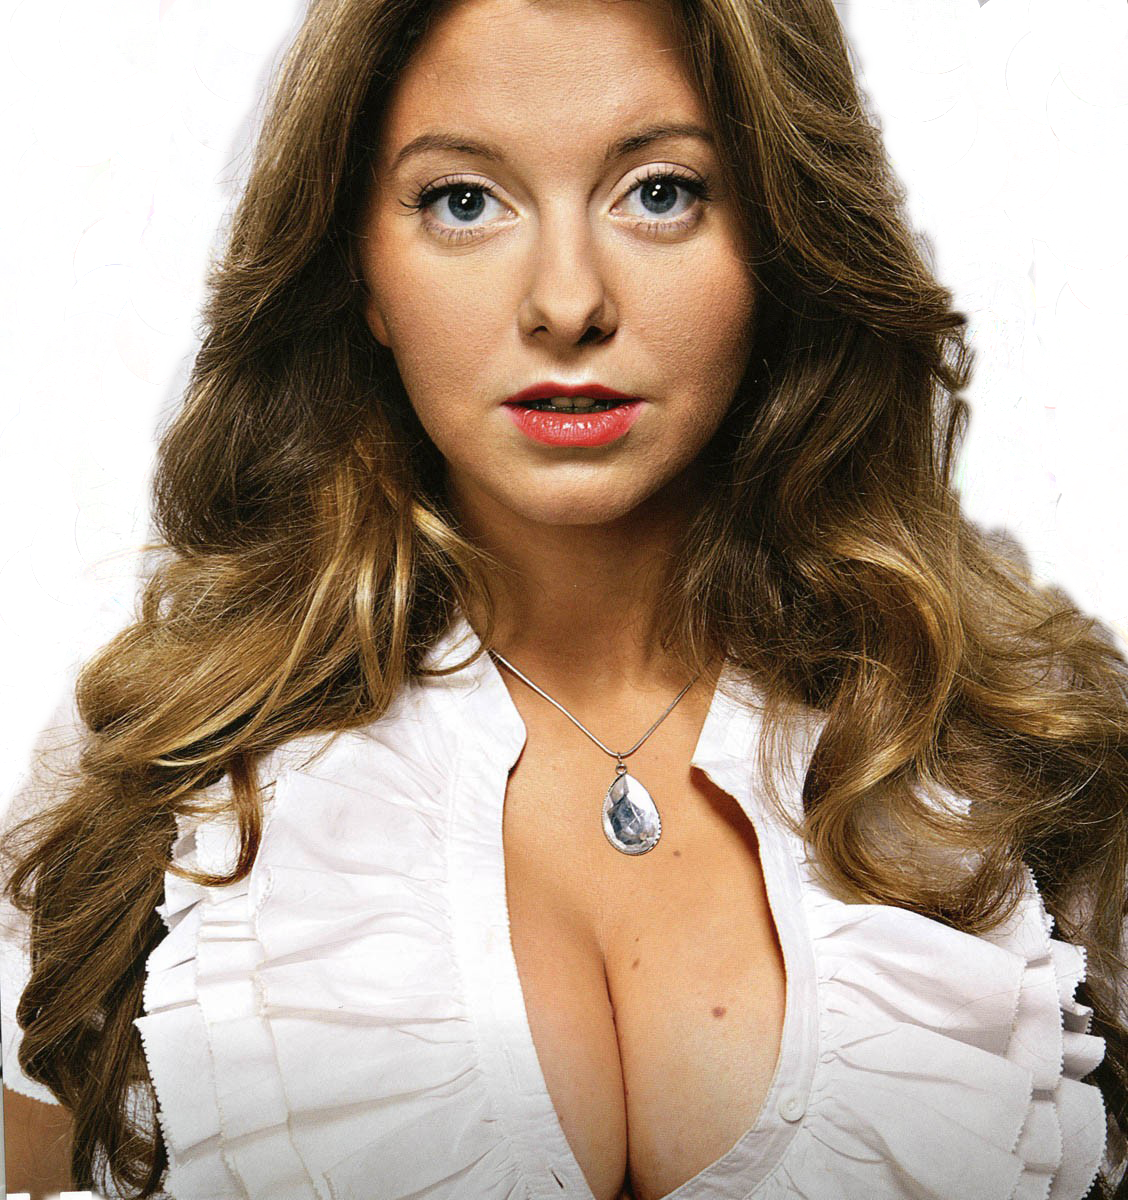 Костенёва Наталья, наташа, костенёва, голая, обнаженная, откровенное, эротическое, сексуальная, постельная, фото, видео, сцены, бесплатно, скачать